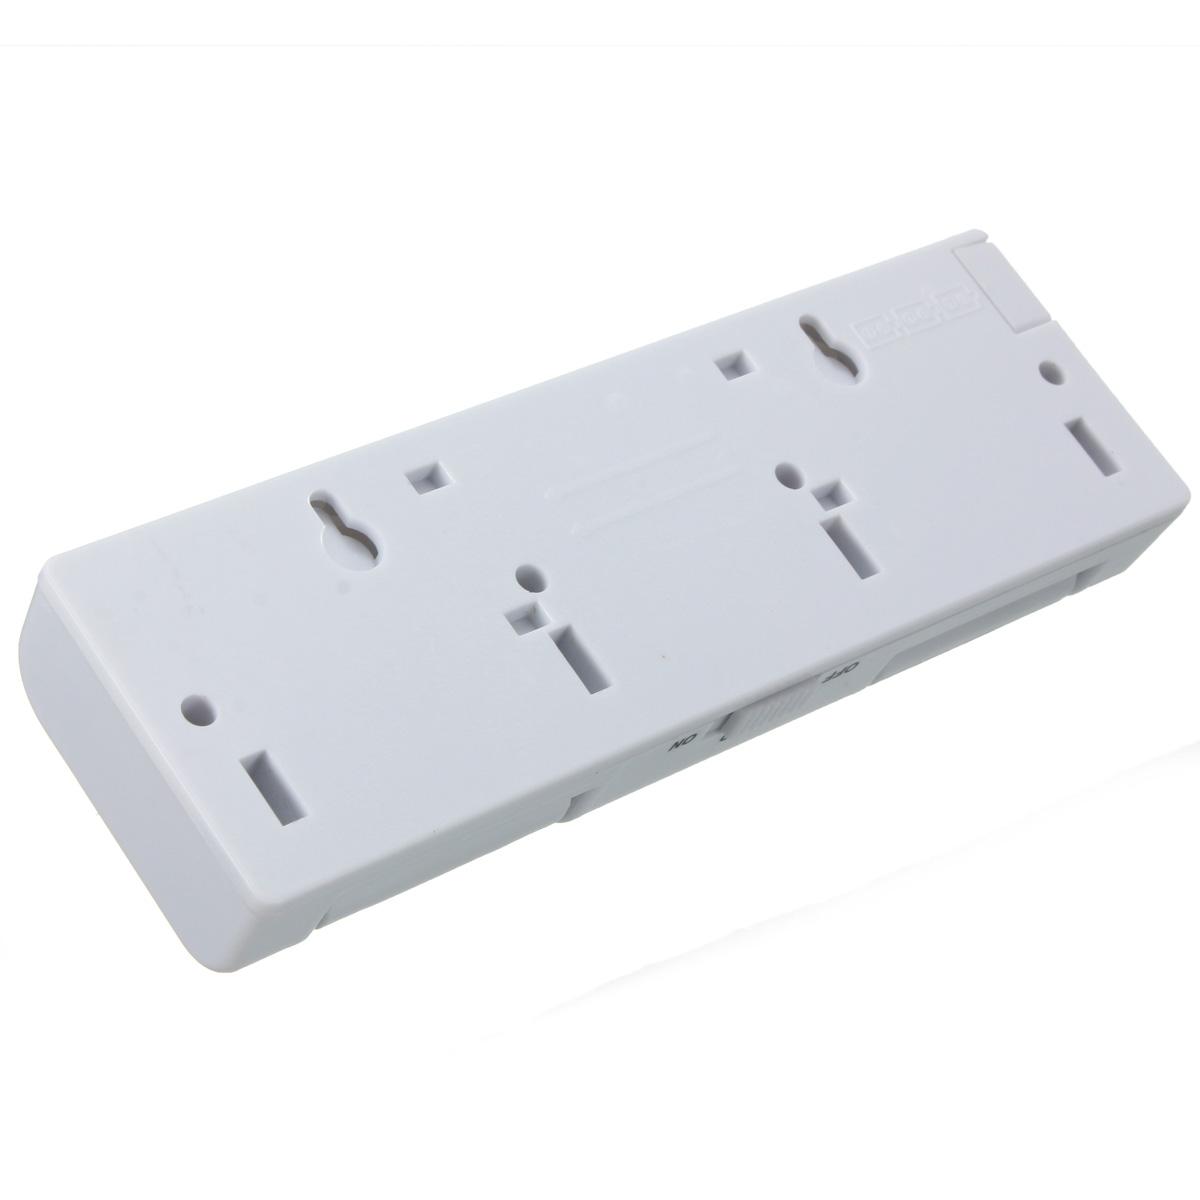 8 led induction battery operated light pir motion sensor. Black Bedroom Furniture Sets. Home Design Ideas